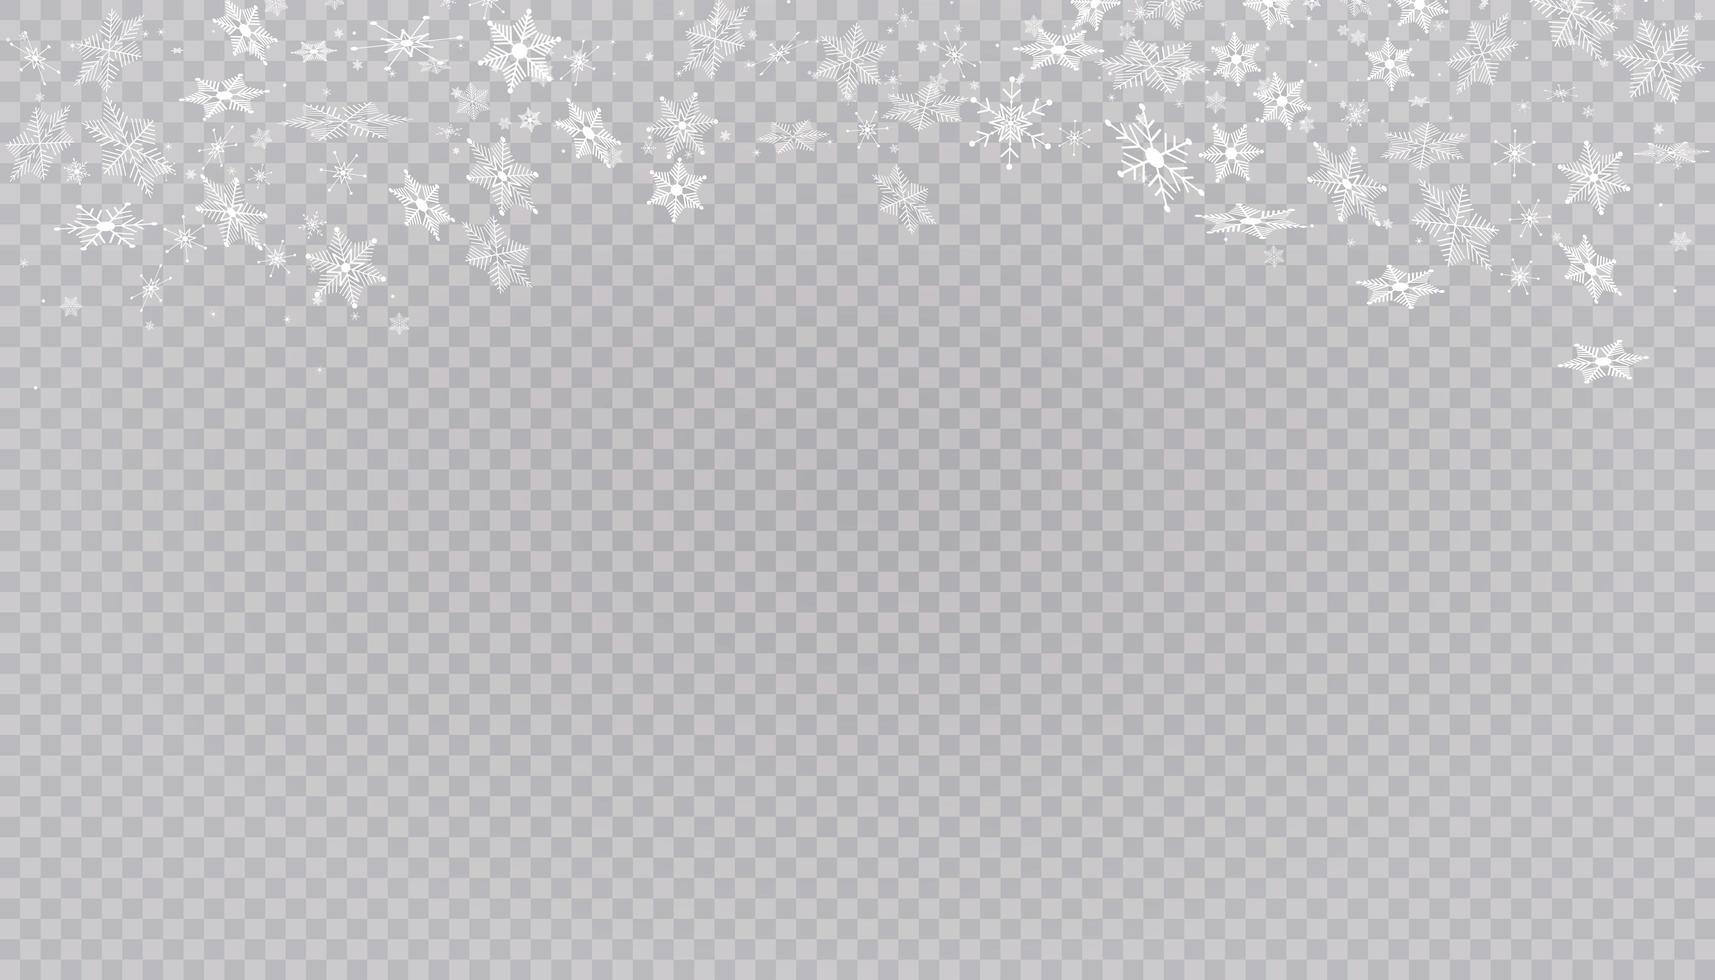 vita snöflingor på bakgrund. vektor